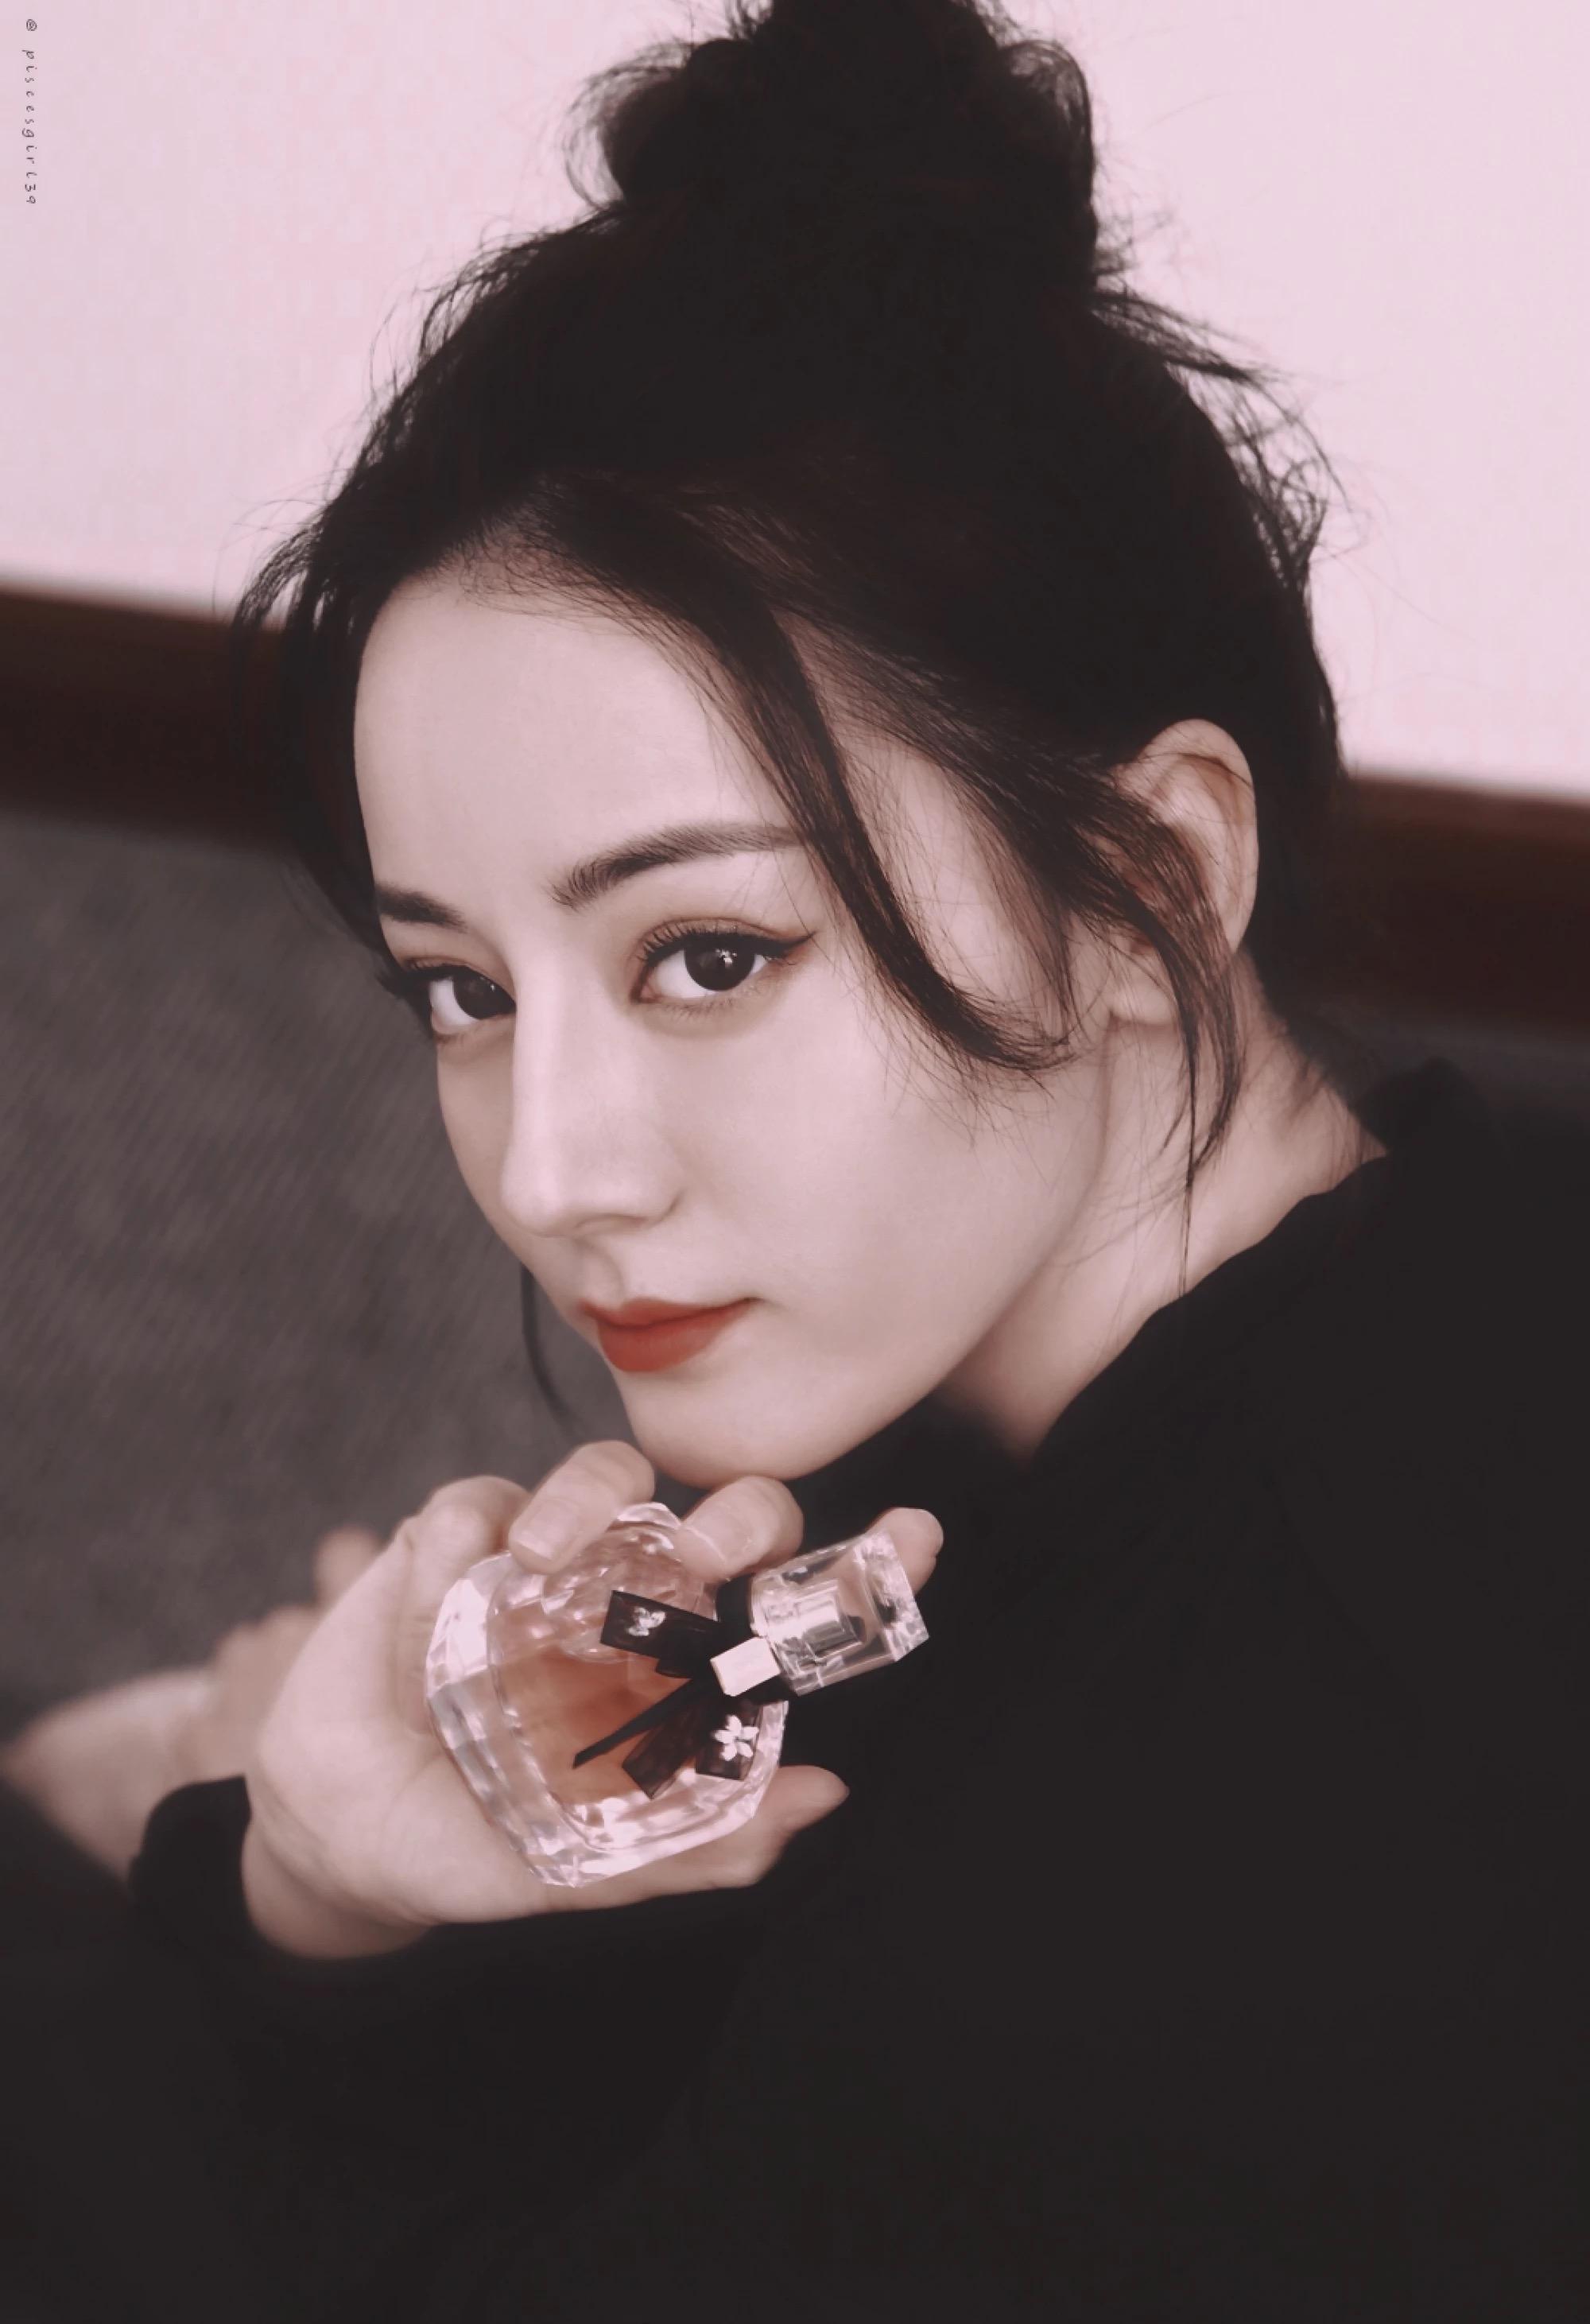 2018年最受欢迎女星排名,女神赵丽颖上榜却不是第一_杨幂